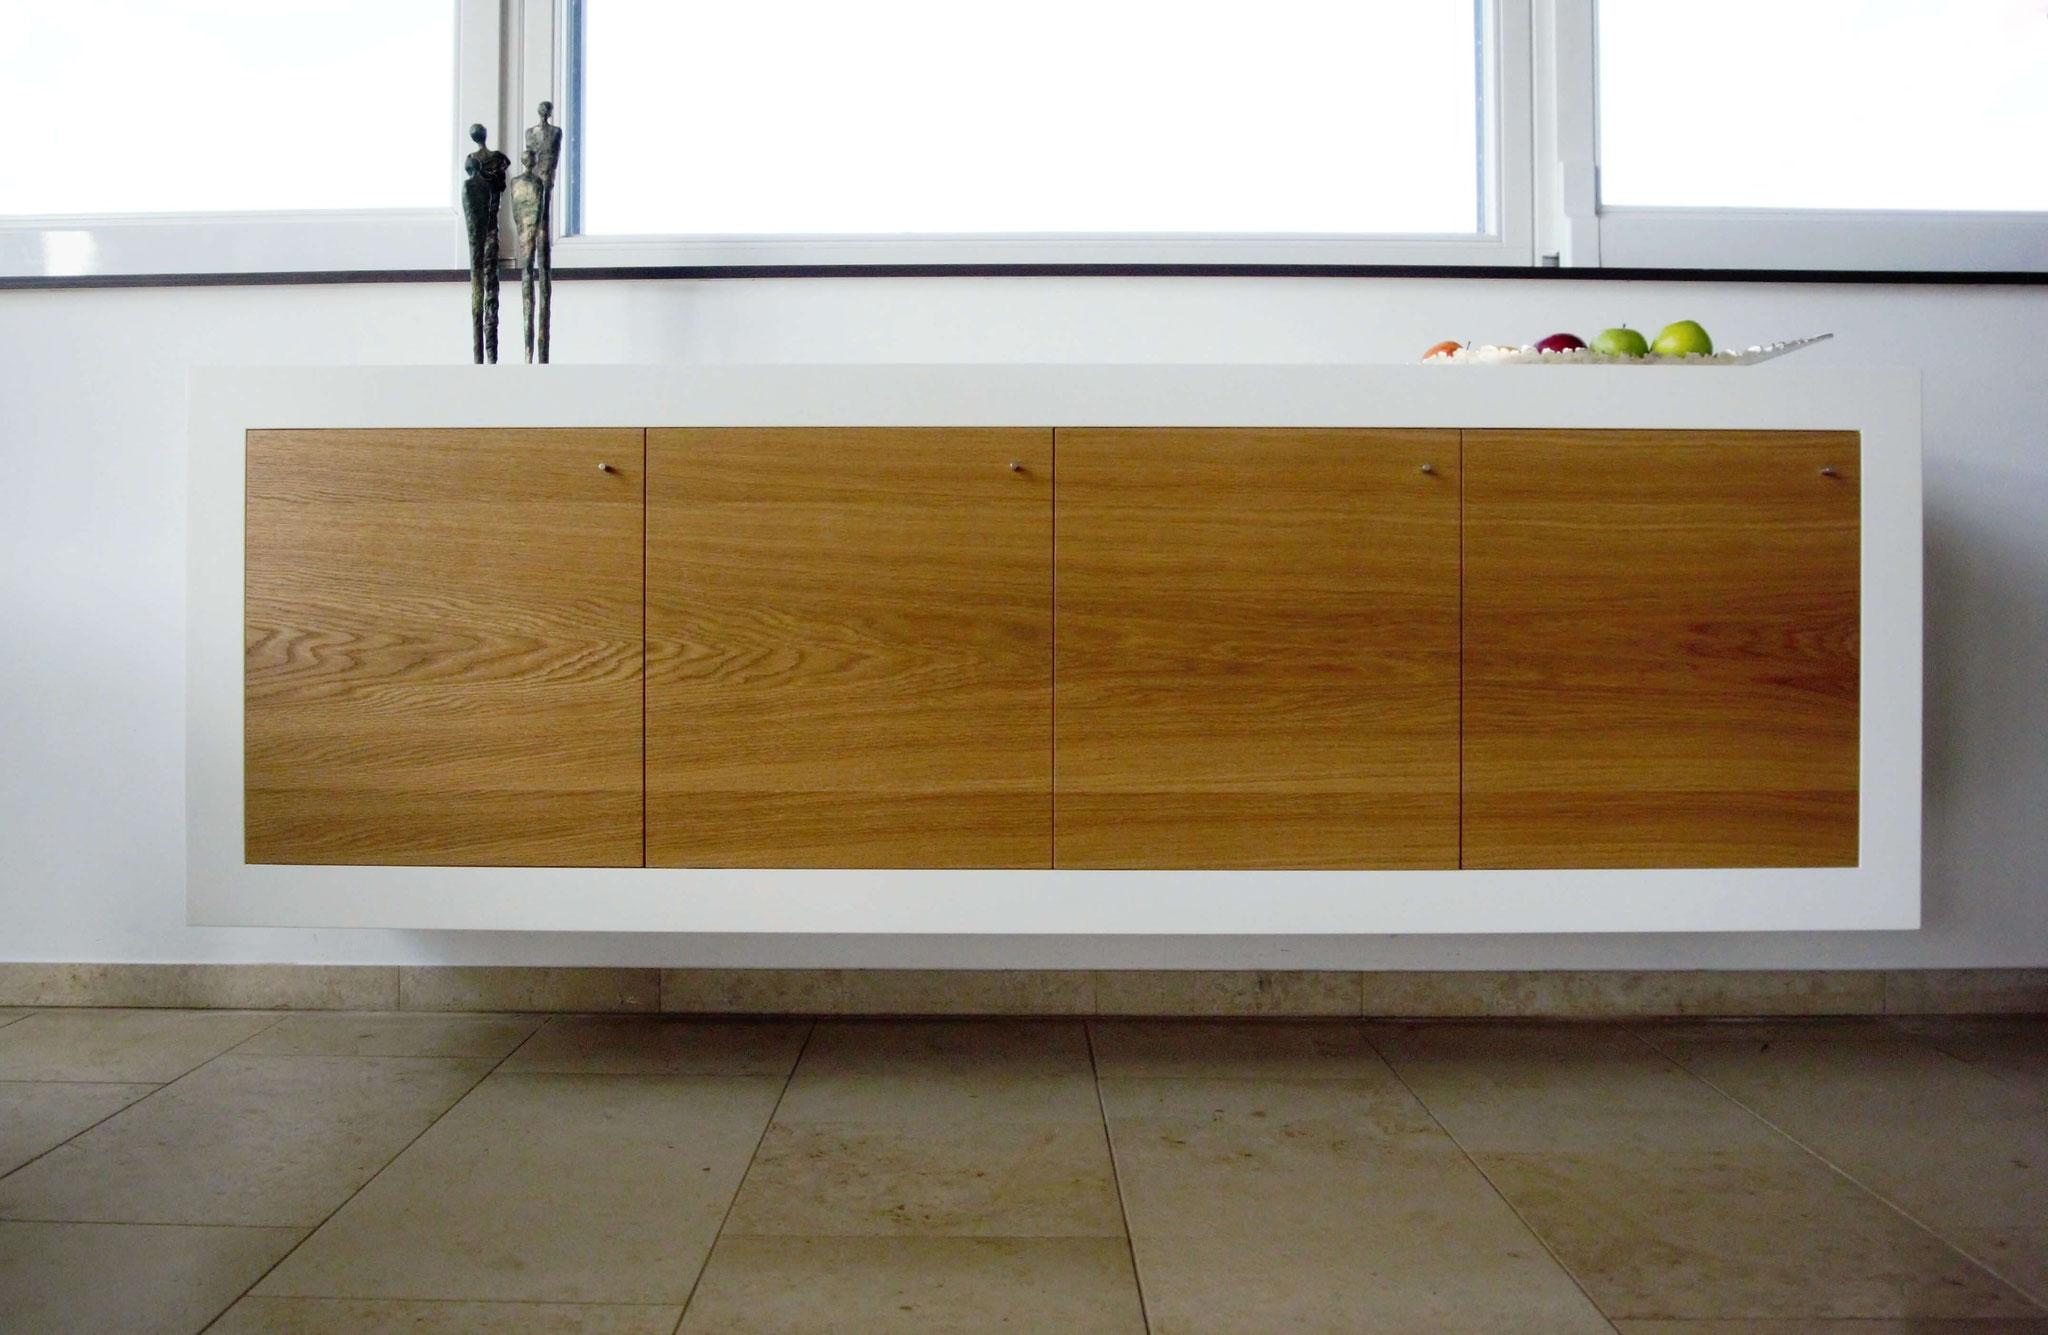 Möbel nach Maß, Sideboard in weiß lackiert mit Eiche furnierten Fronten